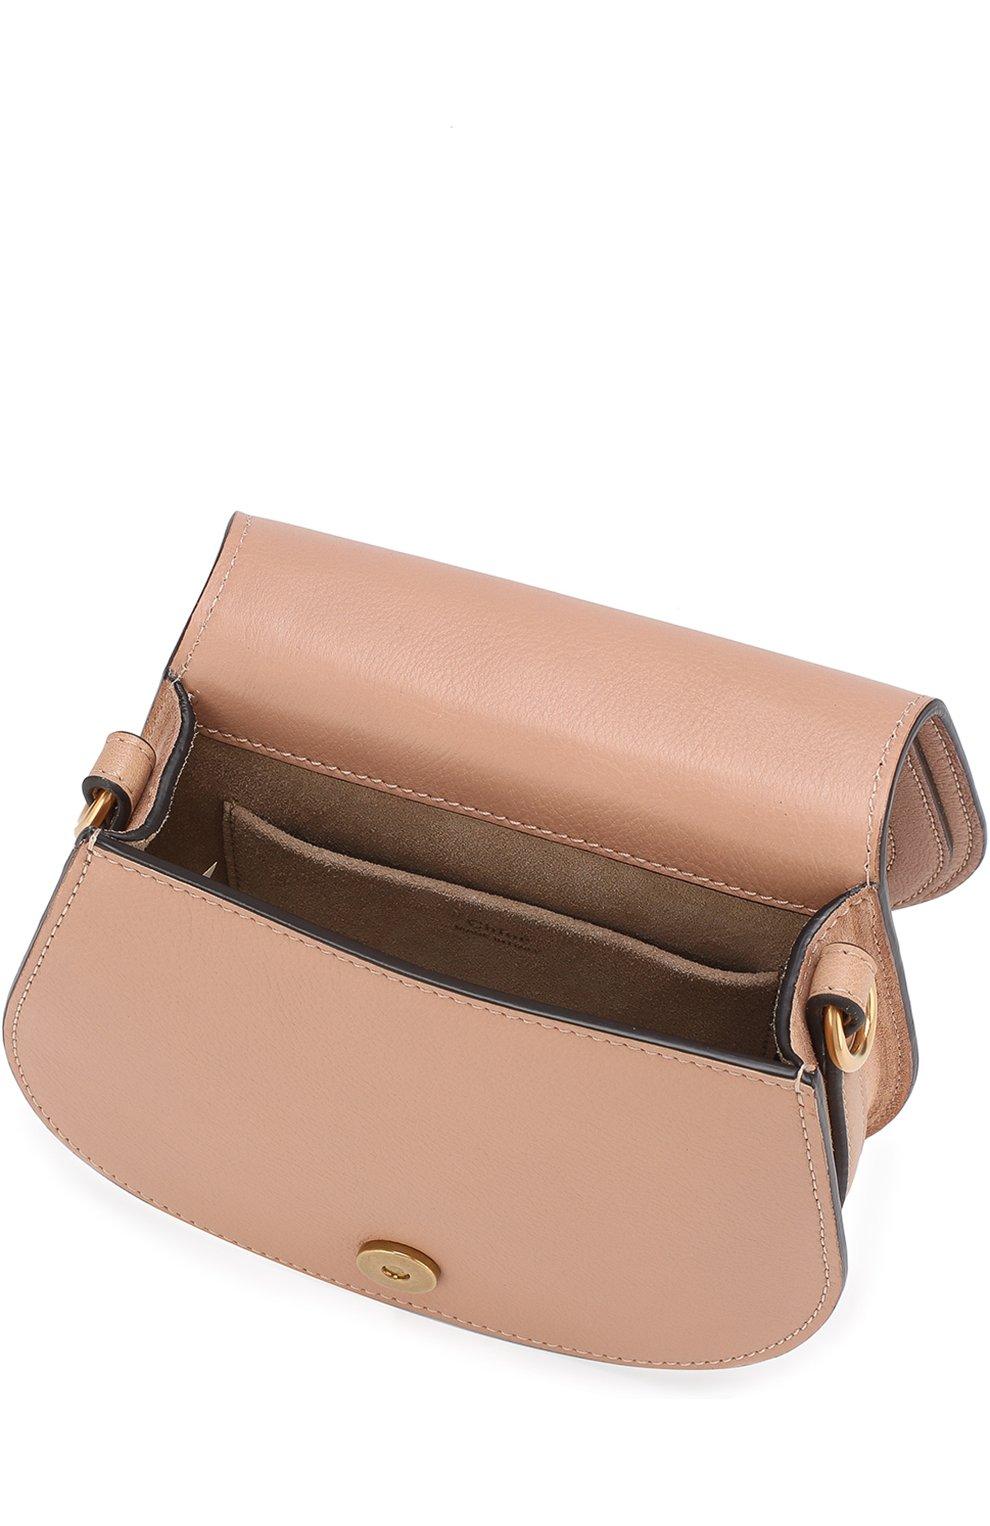 Женская сумка nile small CHLOÉ светло-бежевого цвета, арт. CHC17US301HEU | Фото 4